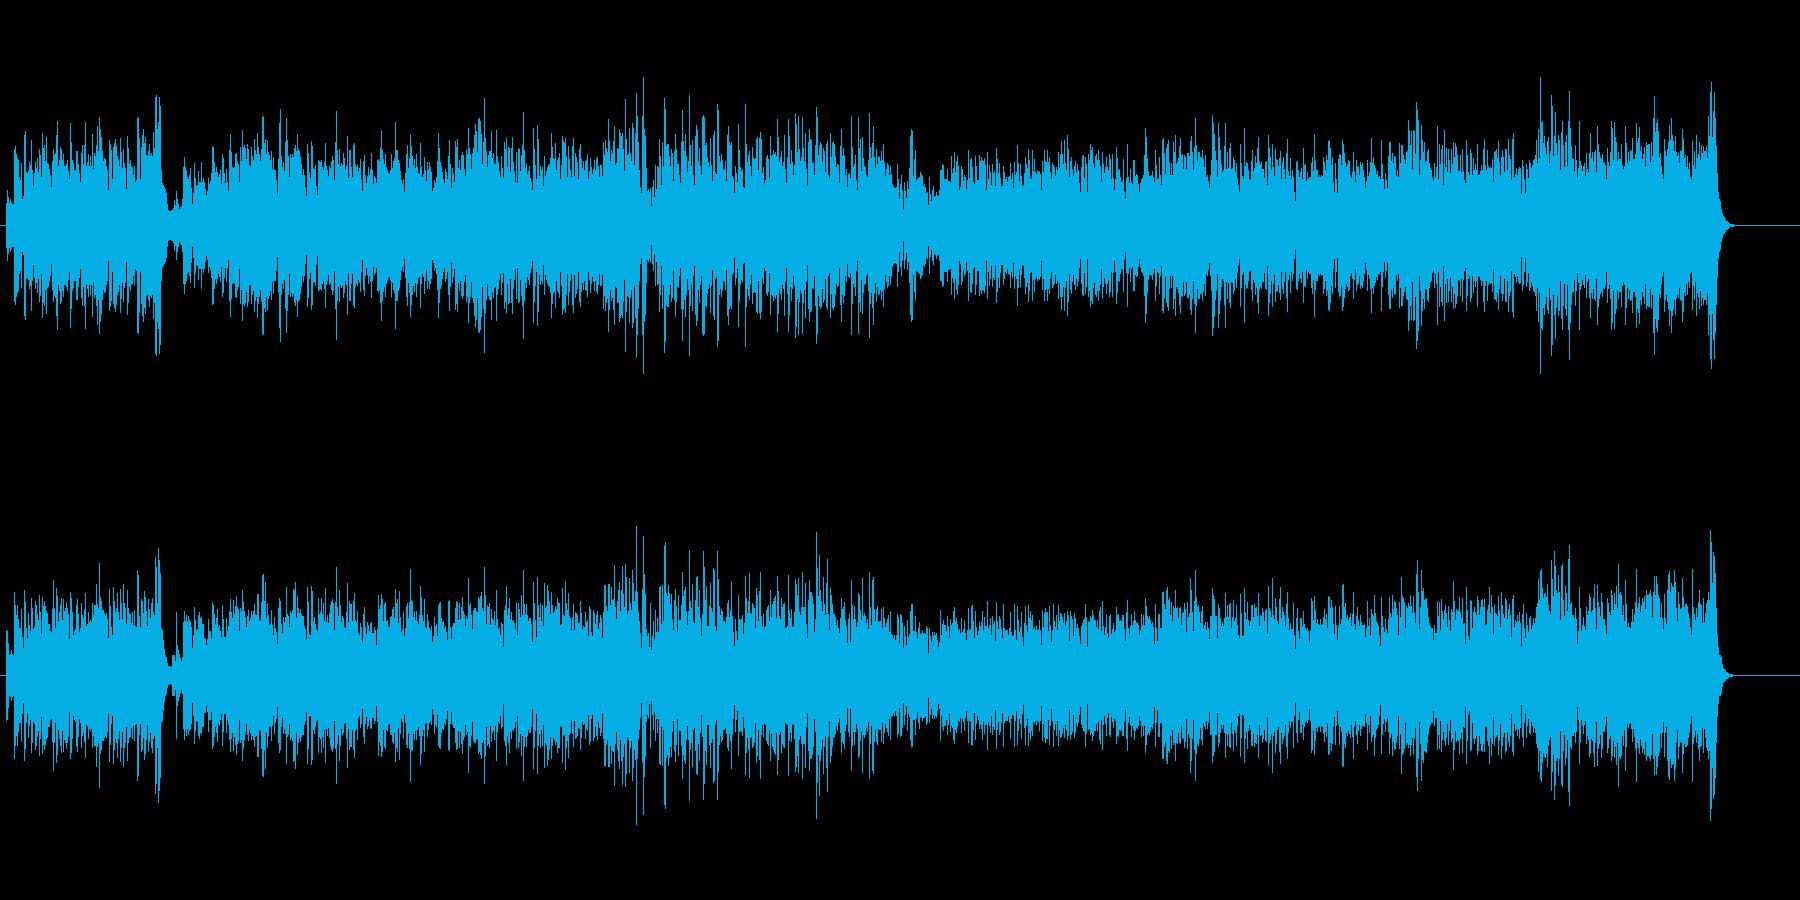 軽さ漂うムーディーなラテン・ミュージックの再生済みの波形